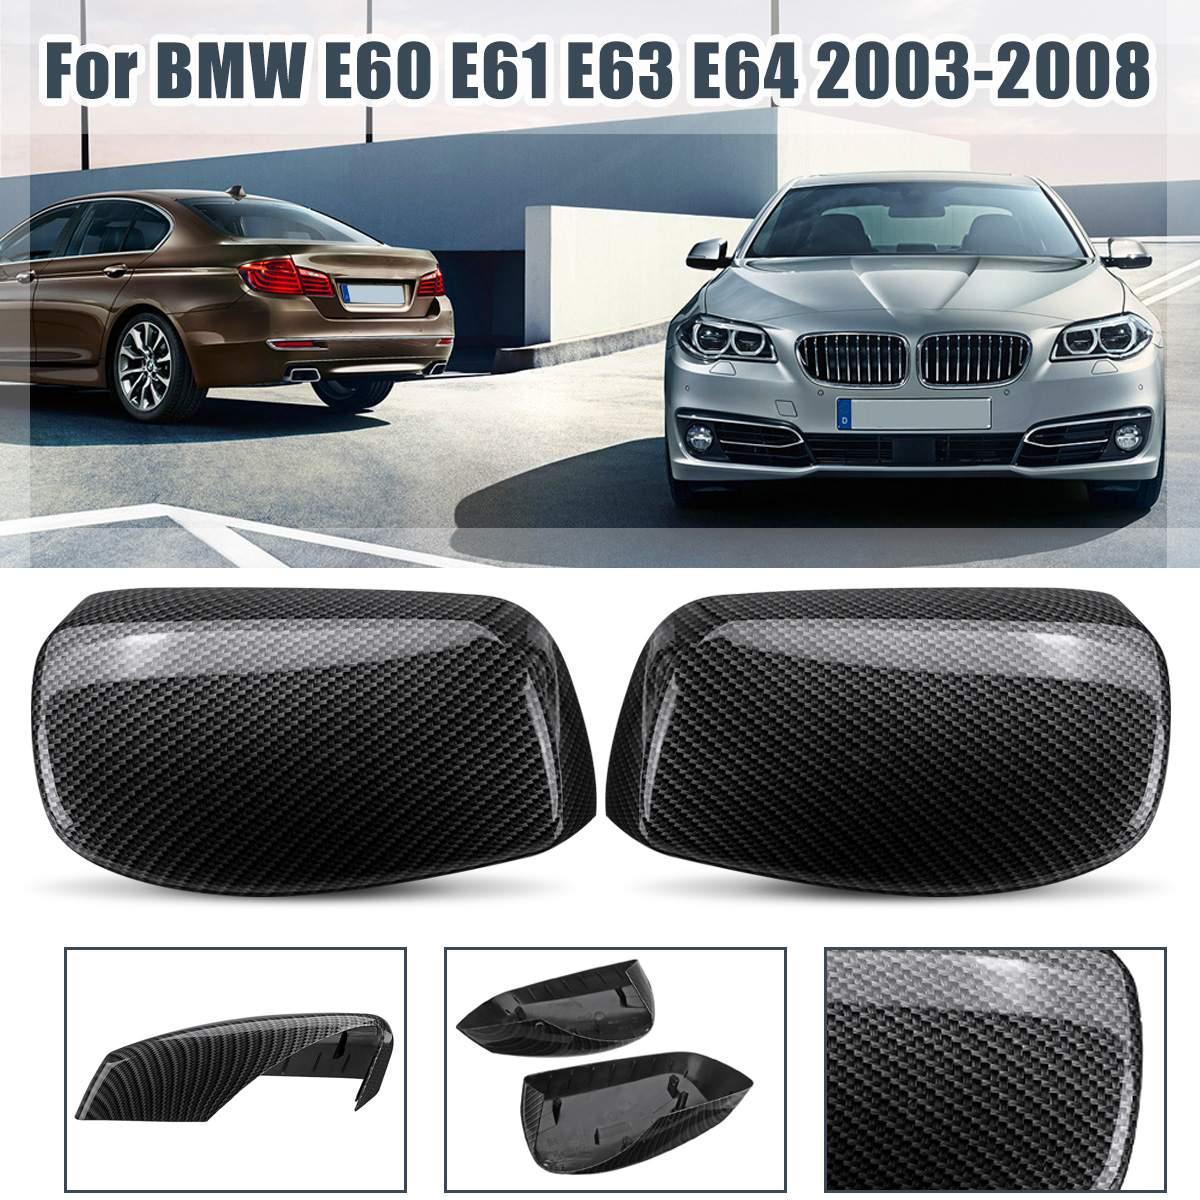 Pair Side Rear Mirror Case Carbon Fiber Mirror Cover Replacement For BMW E60 E61 E63 E64 2003 2004 2005 2006 2007 2008 ERG927795